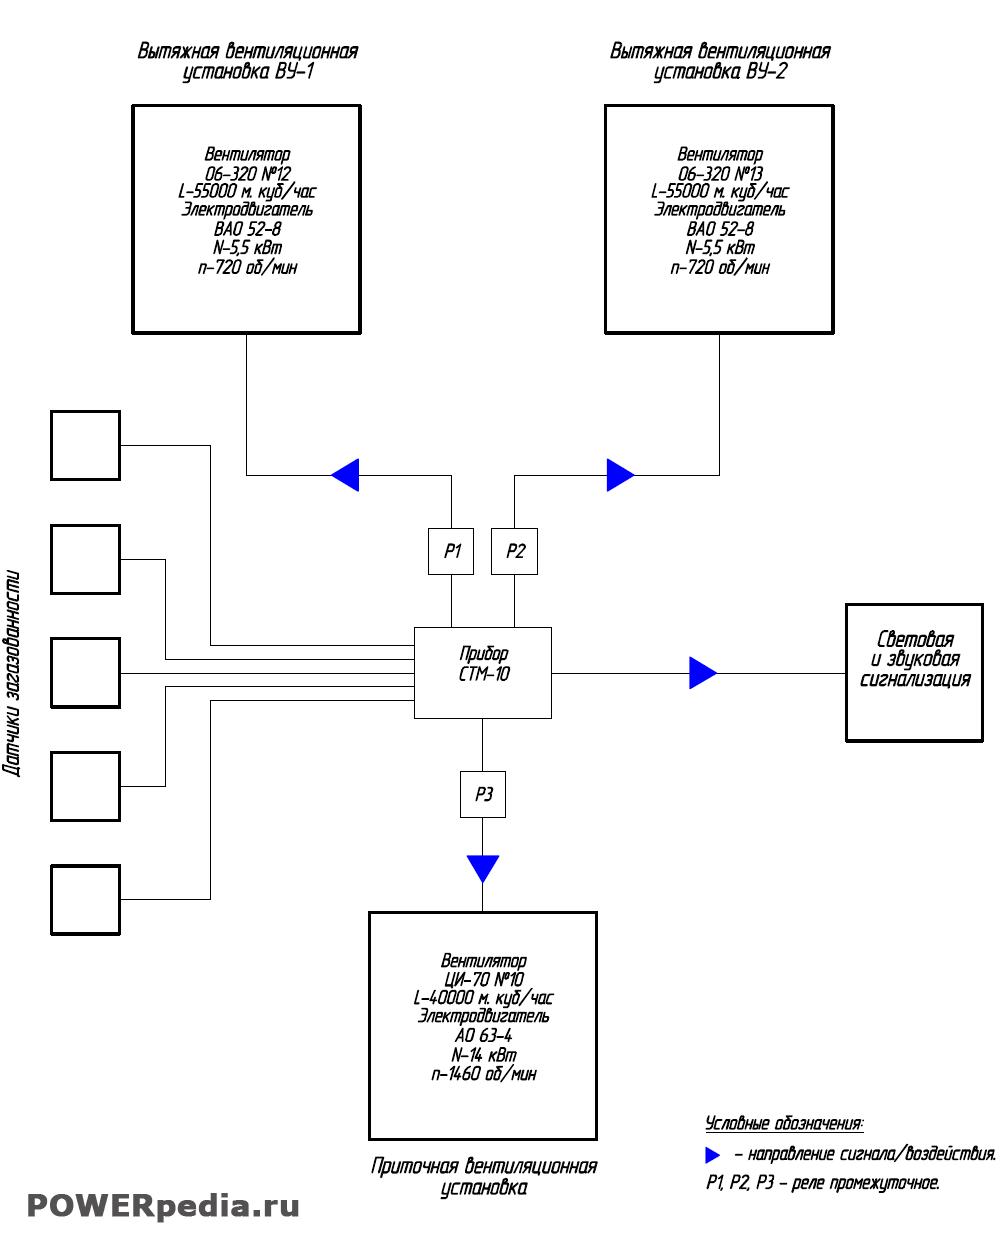 Схема аварийной вентиляции